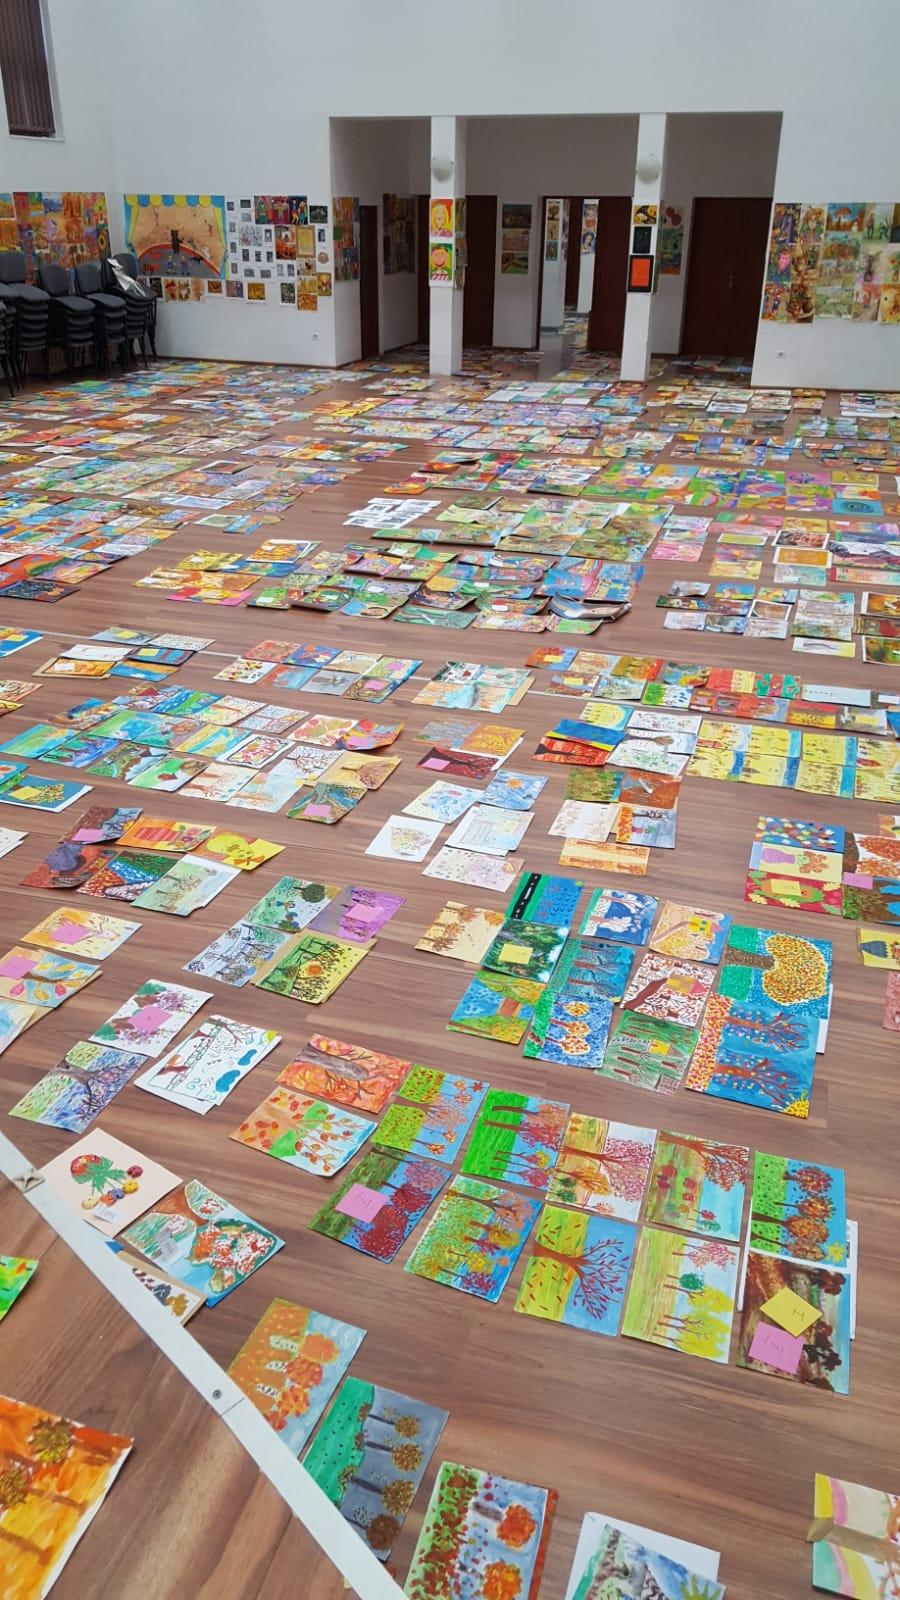 """Concursul Internaţional  de Fantezie şi Îndemânare  """"Culorile Toamnei"""" , organizat de Clubul Copiilor Lipova,  a ajuns în acest an la cea de-a 15-a ediție"""